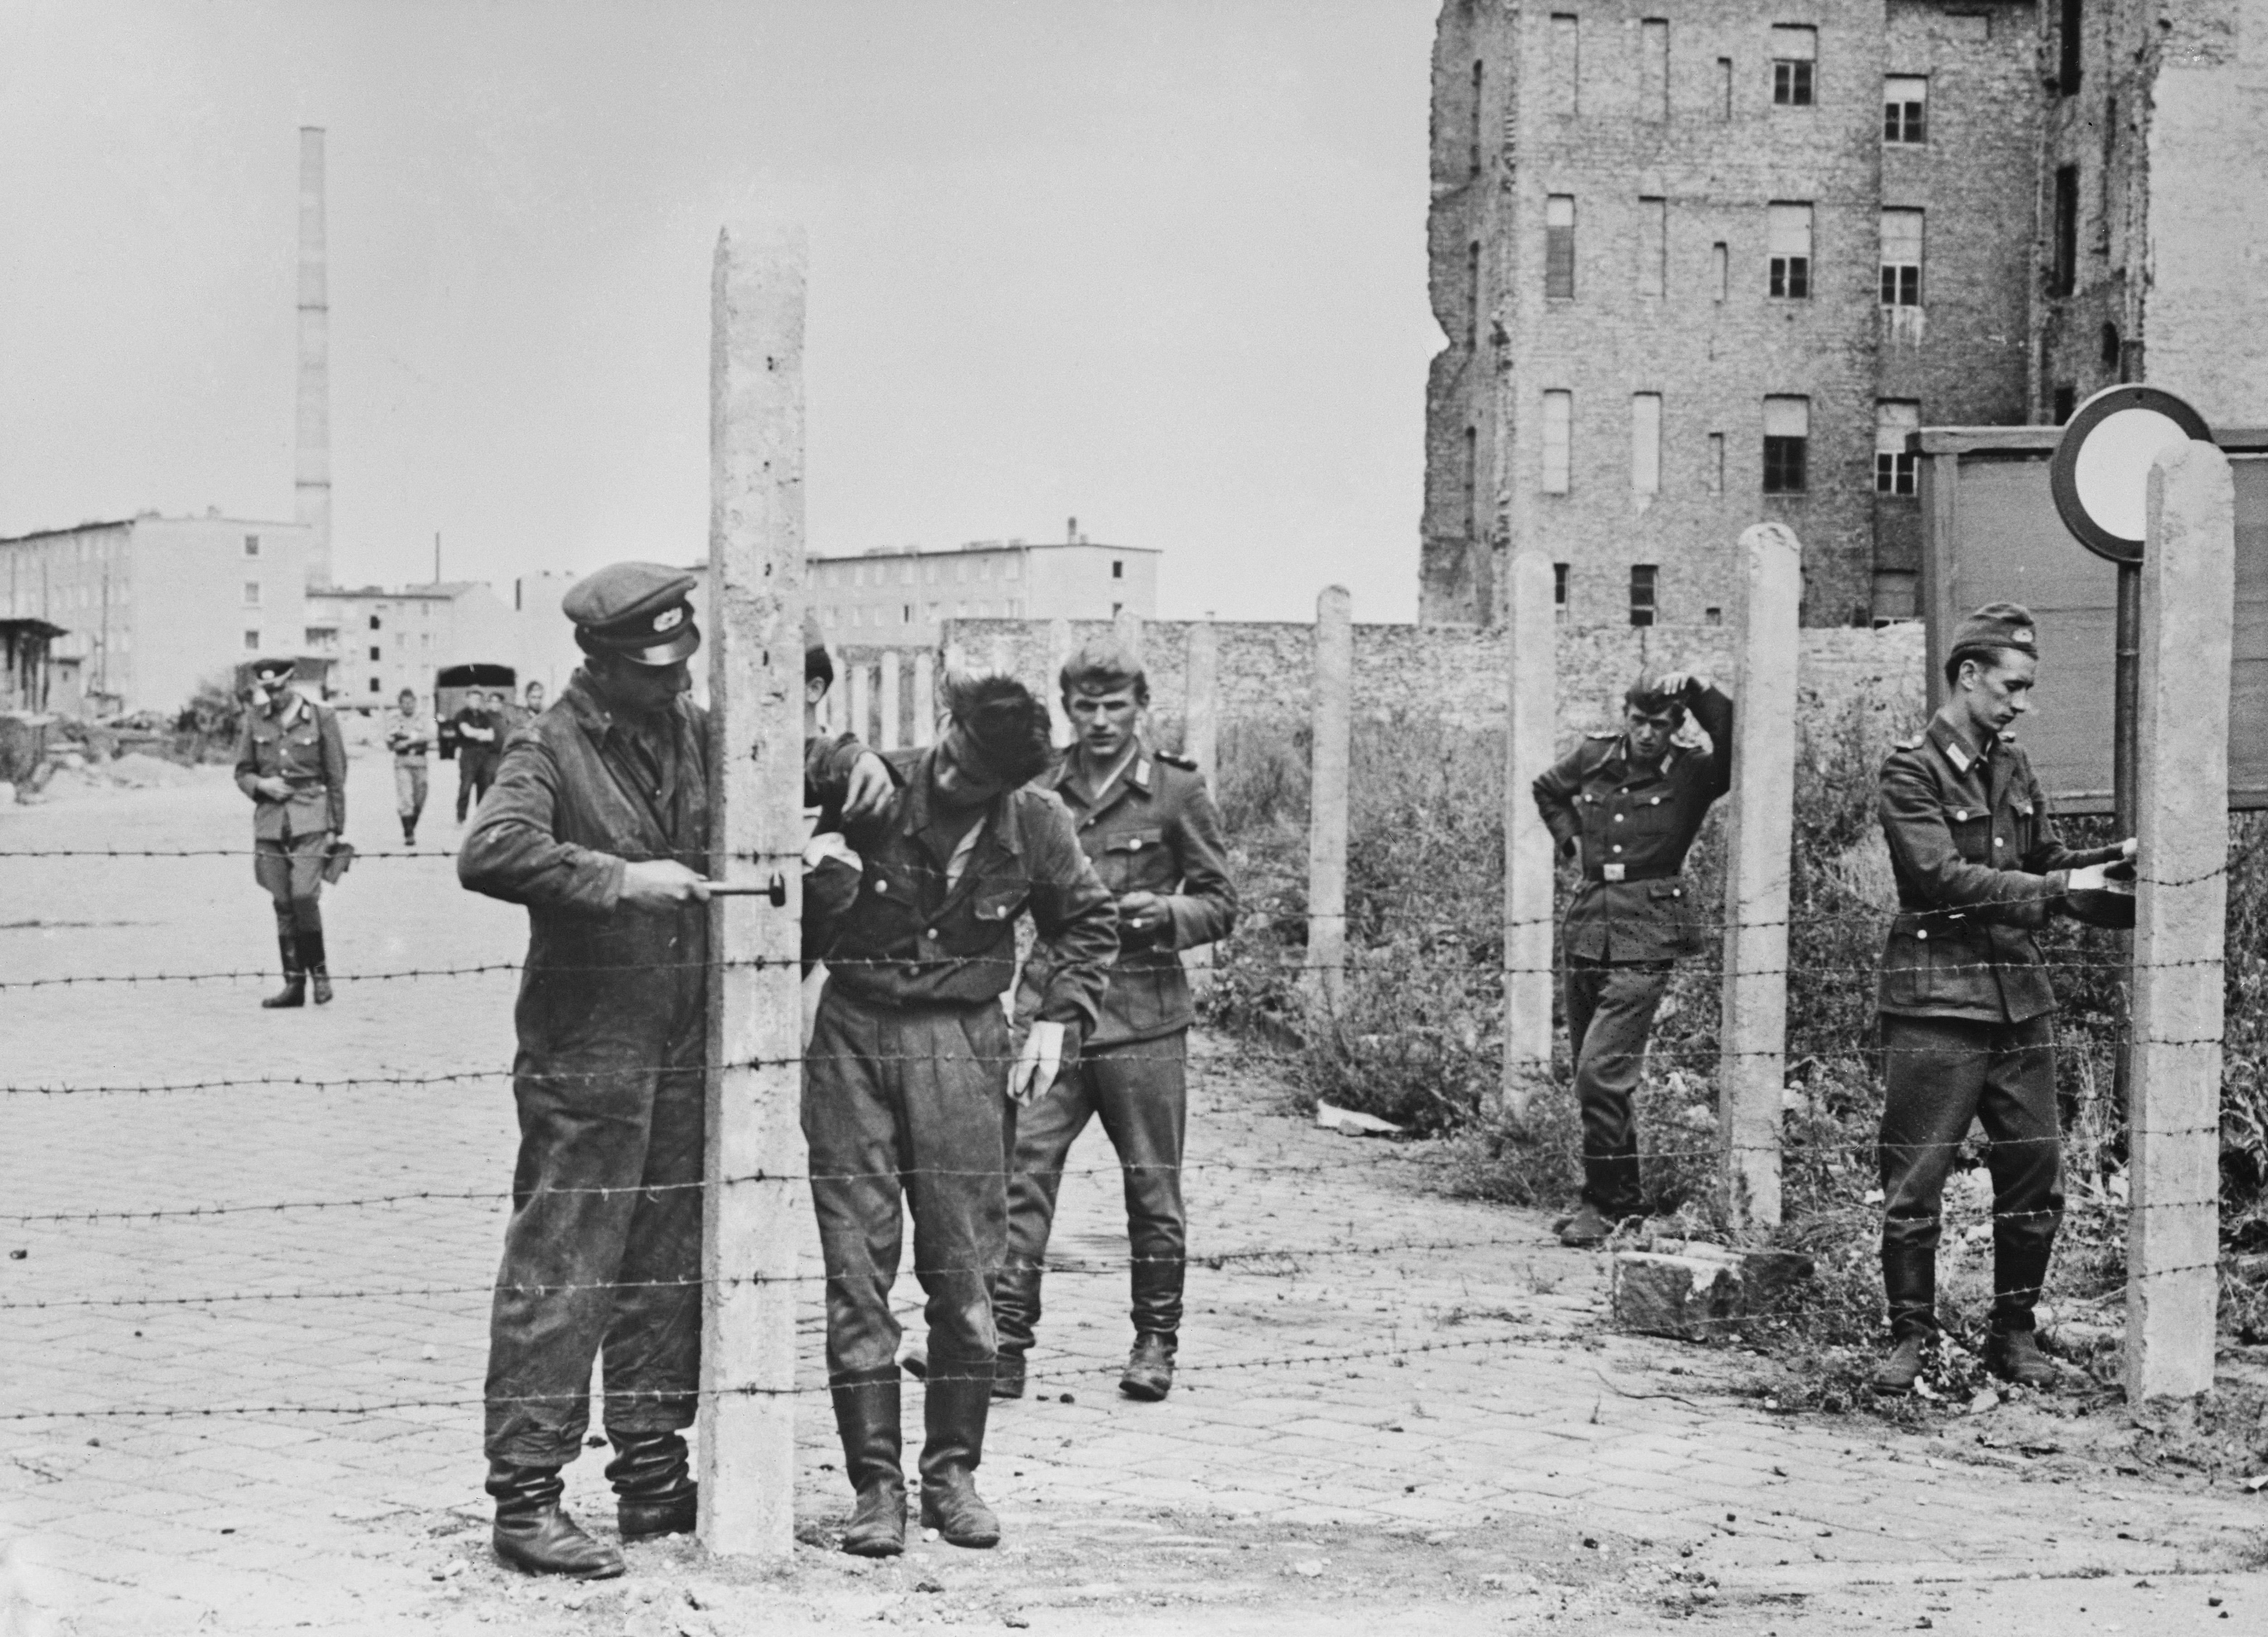 <p><strong>14 август 1961 г.&nbsp;</strong></p>  <p>Войници от ГДР издигат огради от бодлива тел, за да затворят улицата в подготовка за изграждането на Берлинската стена.&nbsp;</p>